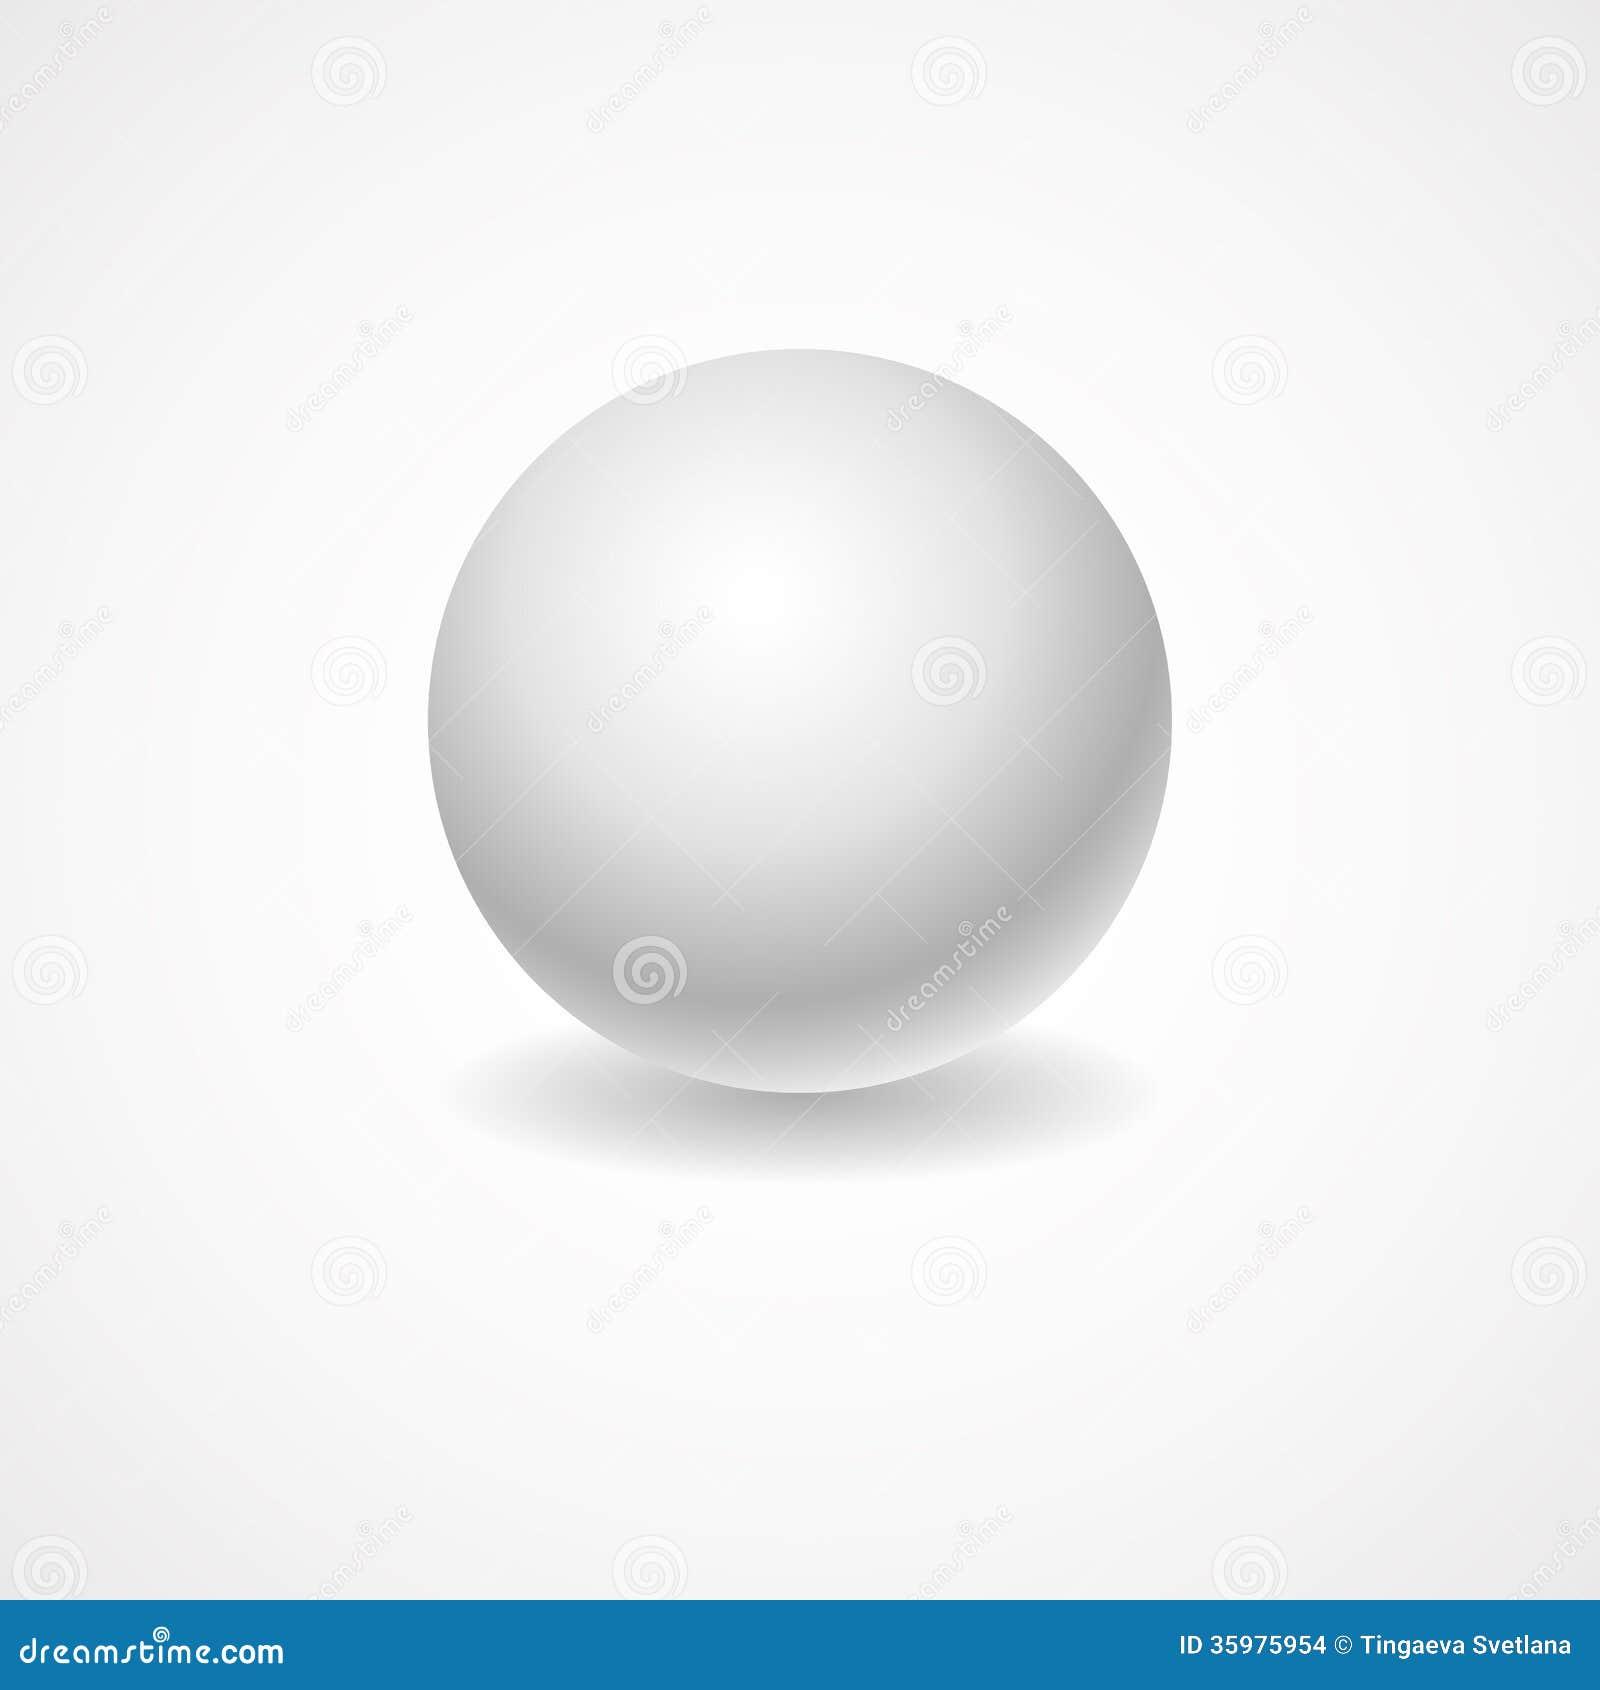 https://thumbs.dreamstime.com/z/een-witte-bol-op-een-lichte-verlichting-als-achtergrond-voor-35975954.jpg